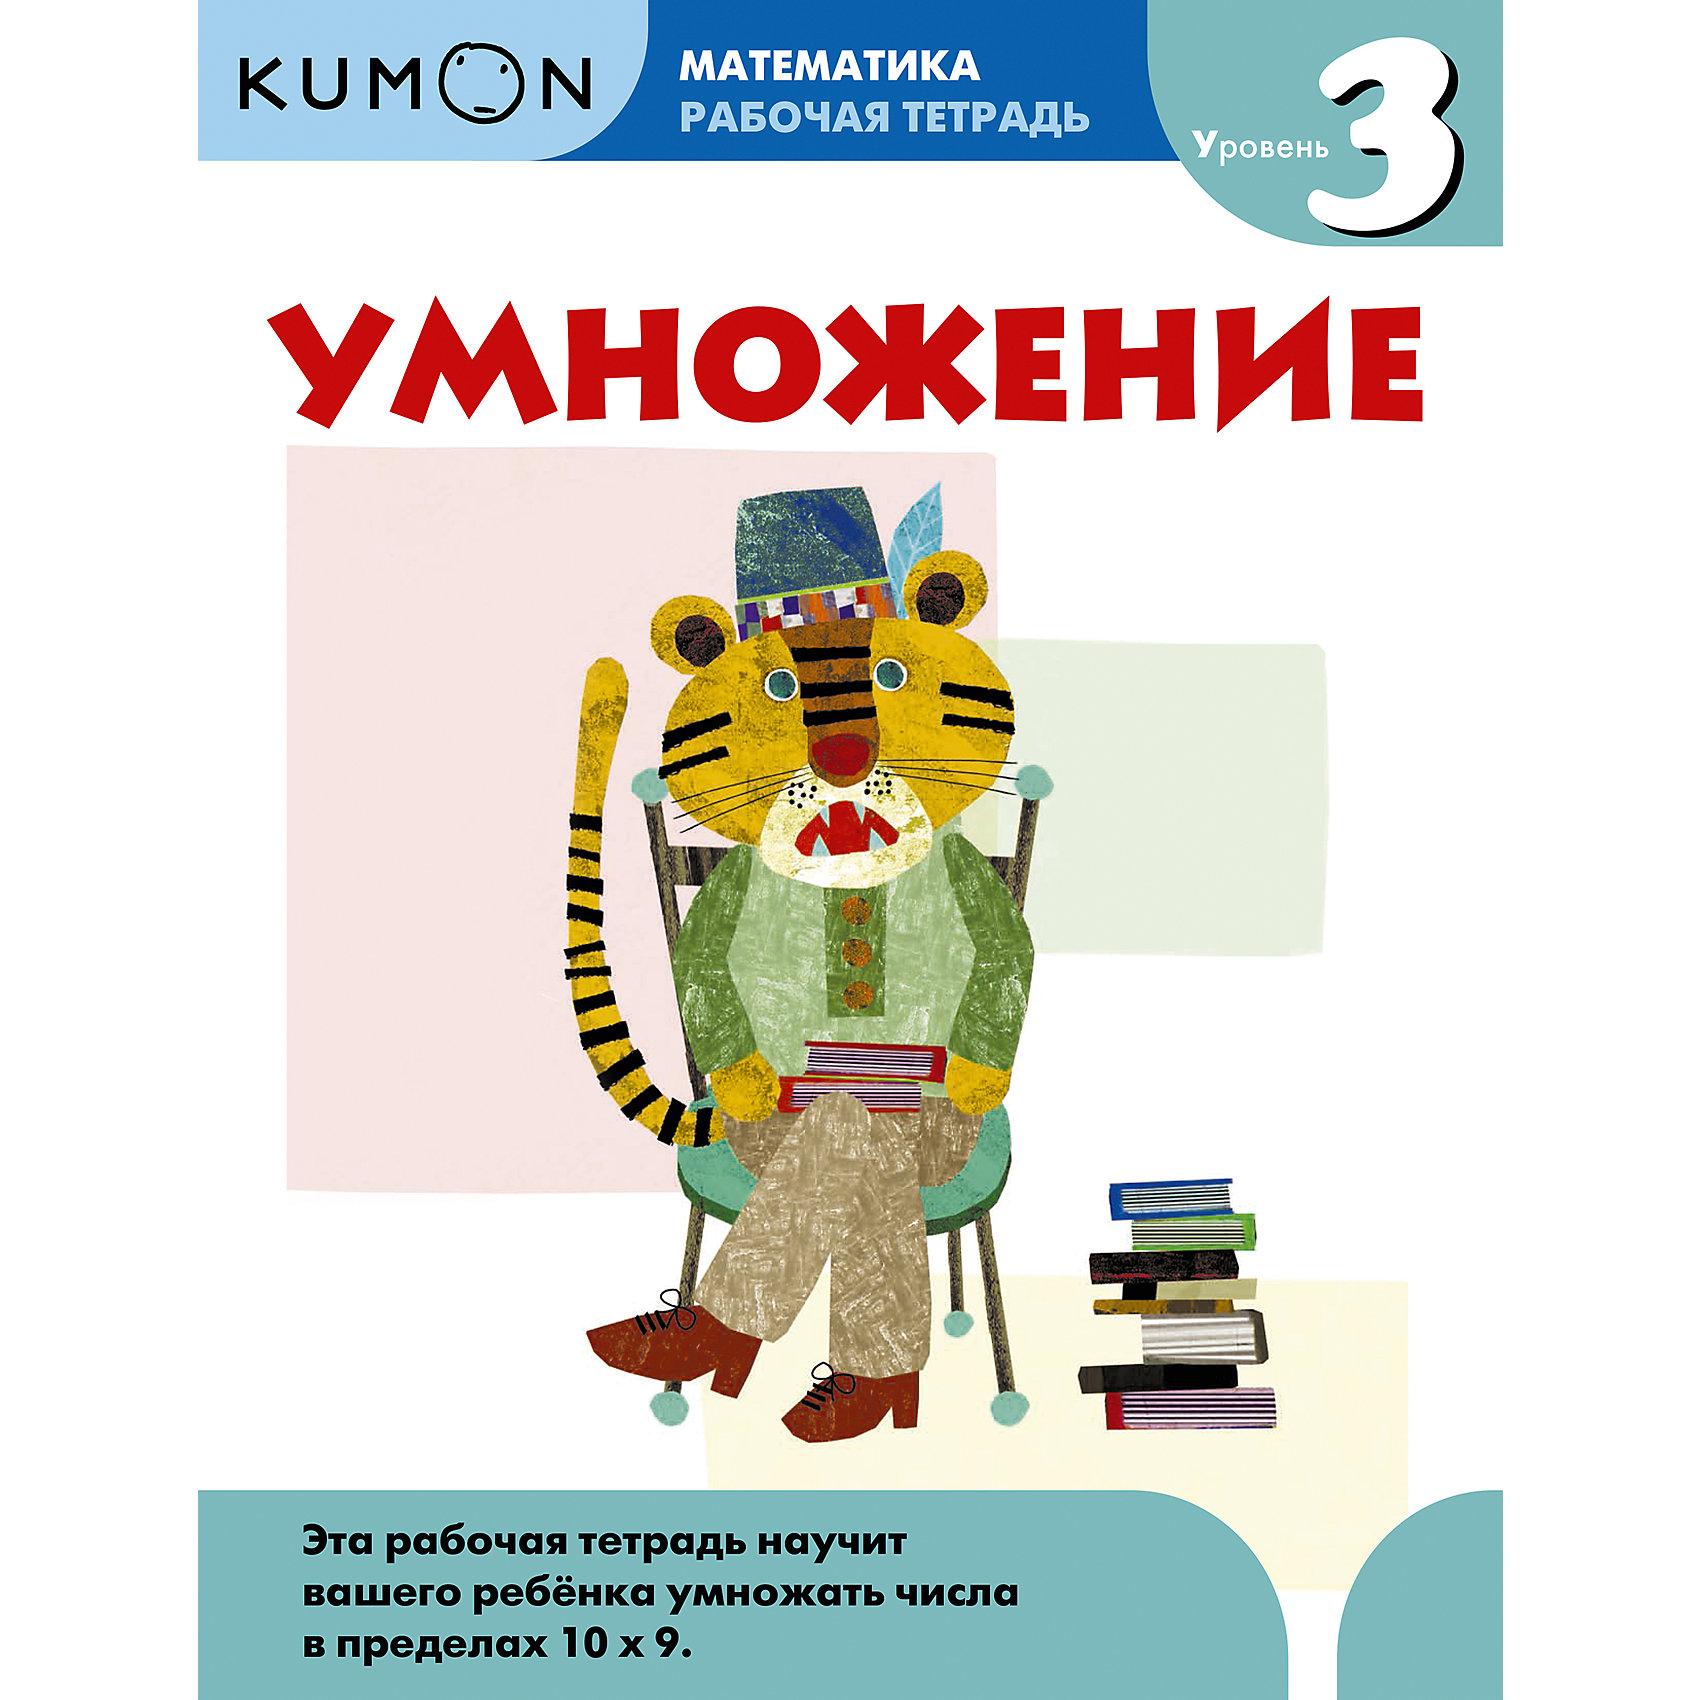 Kumon Математика. Умножение. Уровень 3Серия пособий для изучения математики Kumon. Математика основана на уникальной методике крупнейшего международного центра дополнительного образования Kumon. Каждая рабочая тетрадь развивает определенный математический навык за счет выполнения постепенно усложняющихся и повторяющихся заданий. В серию входят тетради трех уровней сложности - начальный (уровень 1), основной (уровень 2) и продвинутый (уровень 3). Тетрадь  Умножение. Уровень 3 поможет Вашему ребёнку повторить и закрепить навыки сложения, а затем освоить умножение чисел в пределах 10 х 9. Тетрадь рассчитана на самостоятельную работу ребенка, продвигаясь вперед от простого к сложному он обретет не только математические навыки но и уверенность в своих силах. Проверяя свои ответы и исправляя ошибки, он разовьет полезные для обучения в школе навыки самостоятельной работы. <br><br>Дополнительная информация:<br><br>- Автор: Кумон Тору.<br>- Художник: Tachimoto Michiko.<br>- Серия: Рабочая тетрадь KUMON.<br>- Переплет: мягкая обложка.<br>- Иллюстрации: без иллюстраций.<br>- Объем: 96 стр. <br>- Размер: 27,8 x 21,4 x 0,7 см.<br>- Вес: 0,324 кг. <br><br>Рабочую тетрадь Kumon Математика. Умножение. Уровень 3 можно купить в нашем интернет-магазине.<br><br><br>Внимание! В соответствии с Постановлением Правительства Российской Федерации от 19.01.1998 № 55, непродовольственные товары надлежащего качества нижеследующих категорий не подлежат возврату и обмену: непериодические издания (книги, брошюры, альбомы, картографические и нотные издания, листовые изоиздания, календари, буклеты, открытки, издания, воспроизведенные на технических носителях информации).<br><br>Ширина мм: 280<br>Глубина мм: 215<br>Высота мм: 7<br>Вес г: 334<br>Возраст от месяцев: 36<br>Возраст до месяцев: 72<br>Пол: Унисекс<br>Возраст: Детский<br>SKU: 4414862